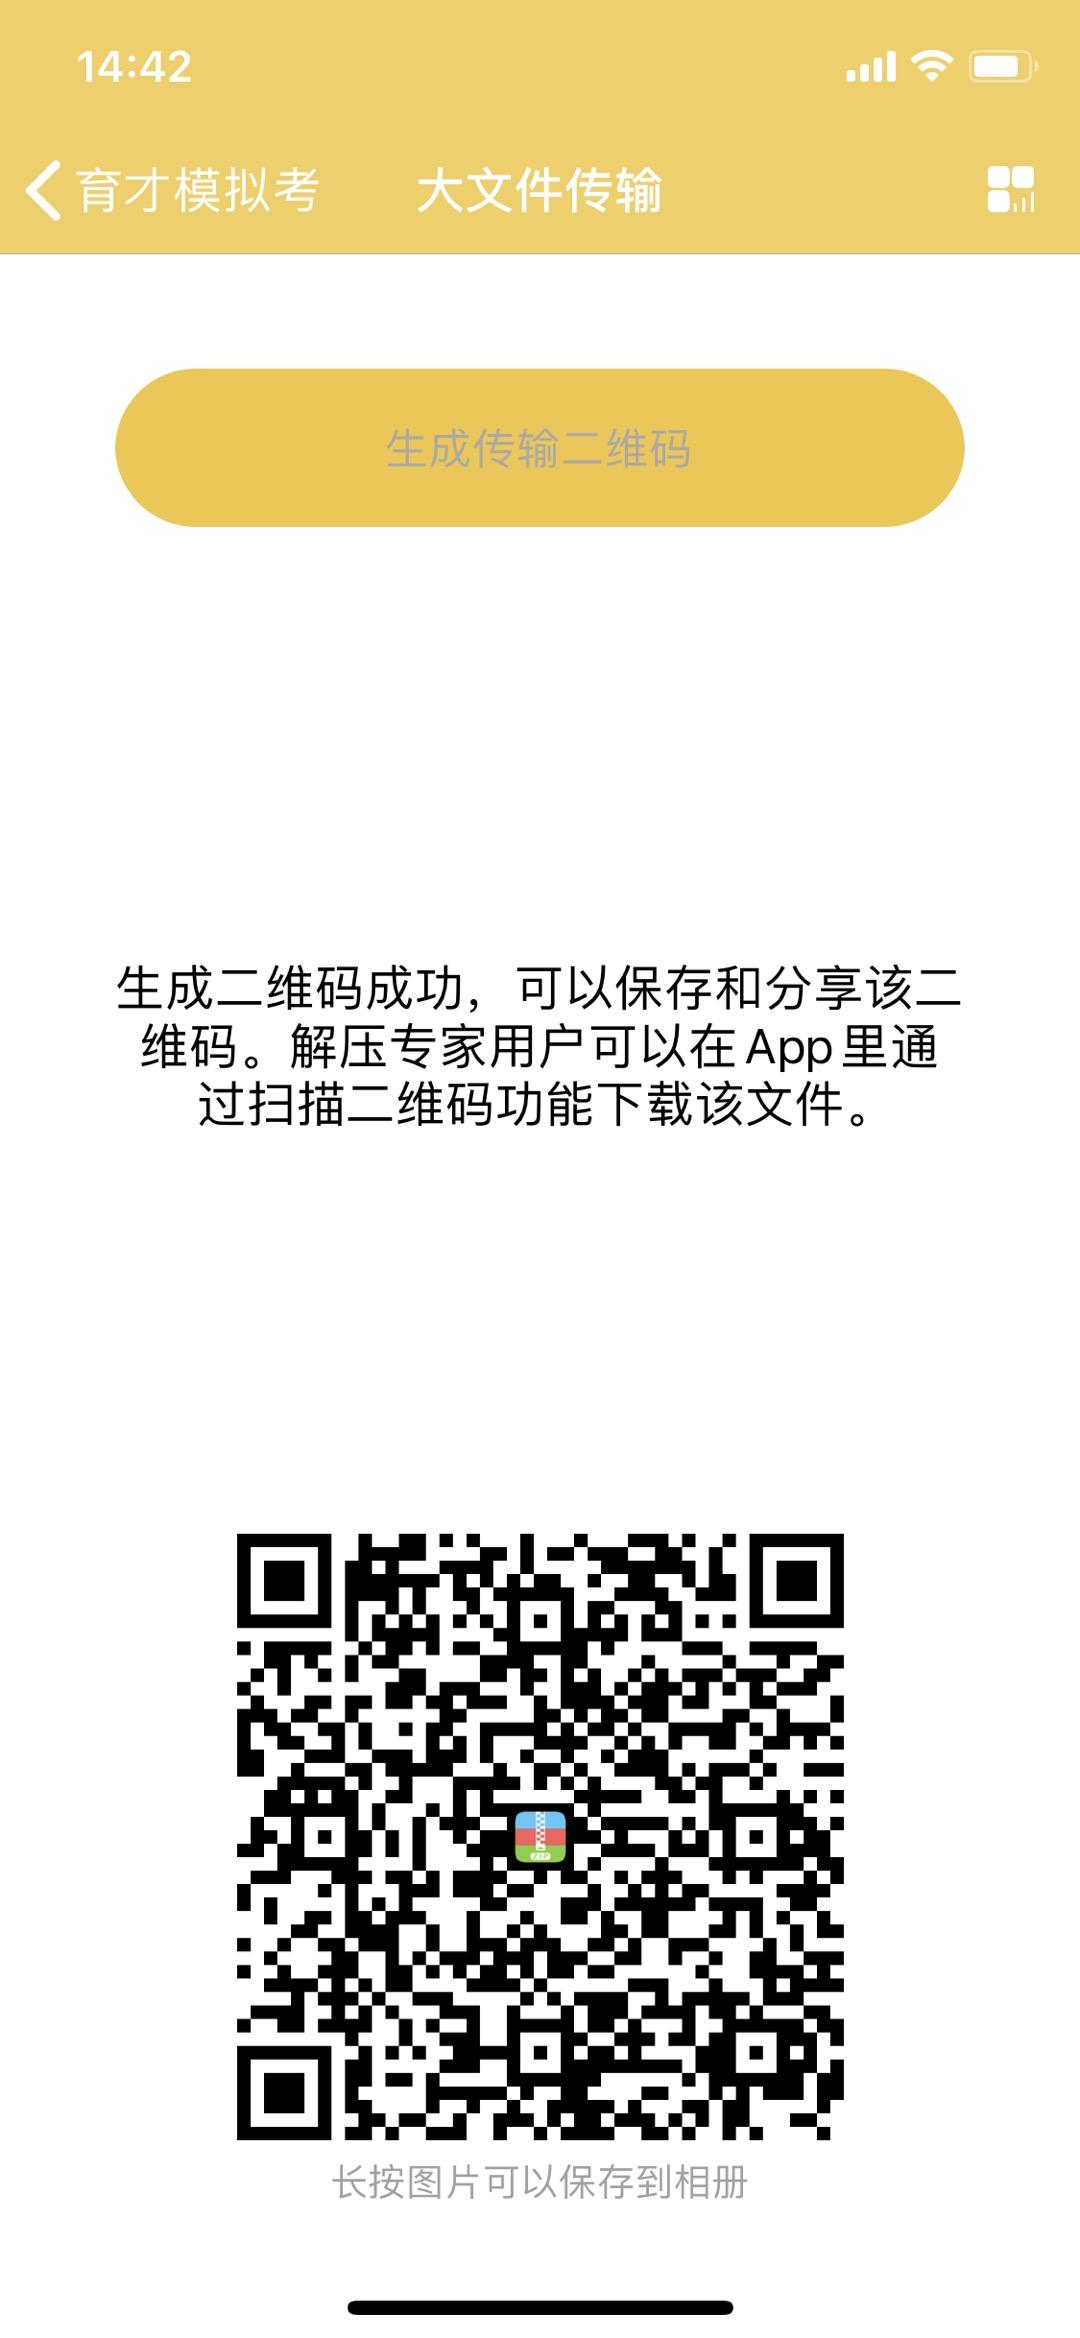 44760B1C-0D31-4F35-96CE-1E2C732D121F.jpg